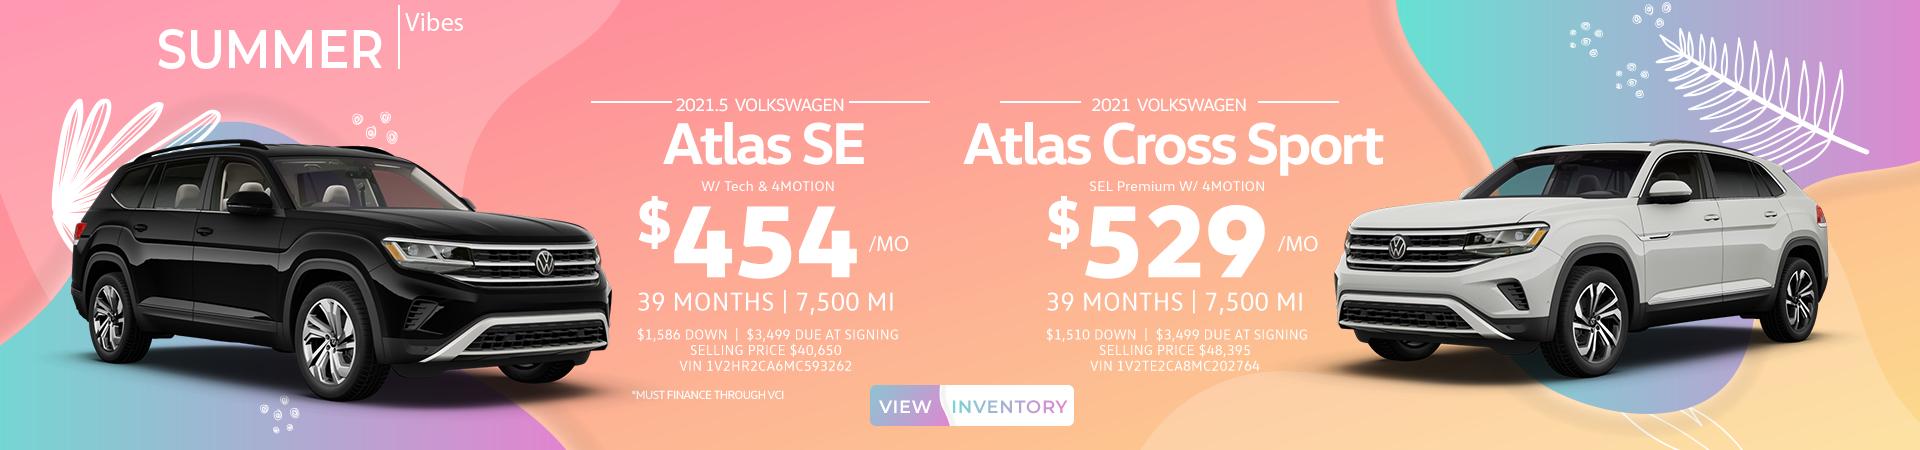 Wynn VW_July Offers_Atlas ACS